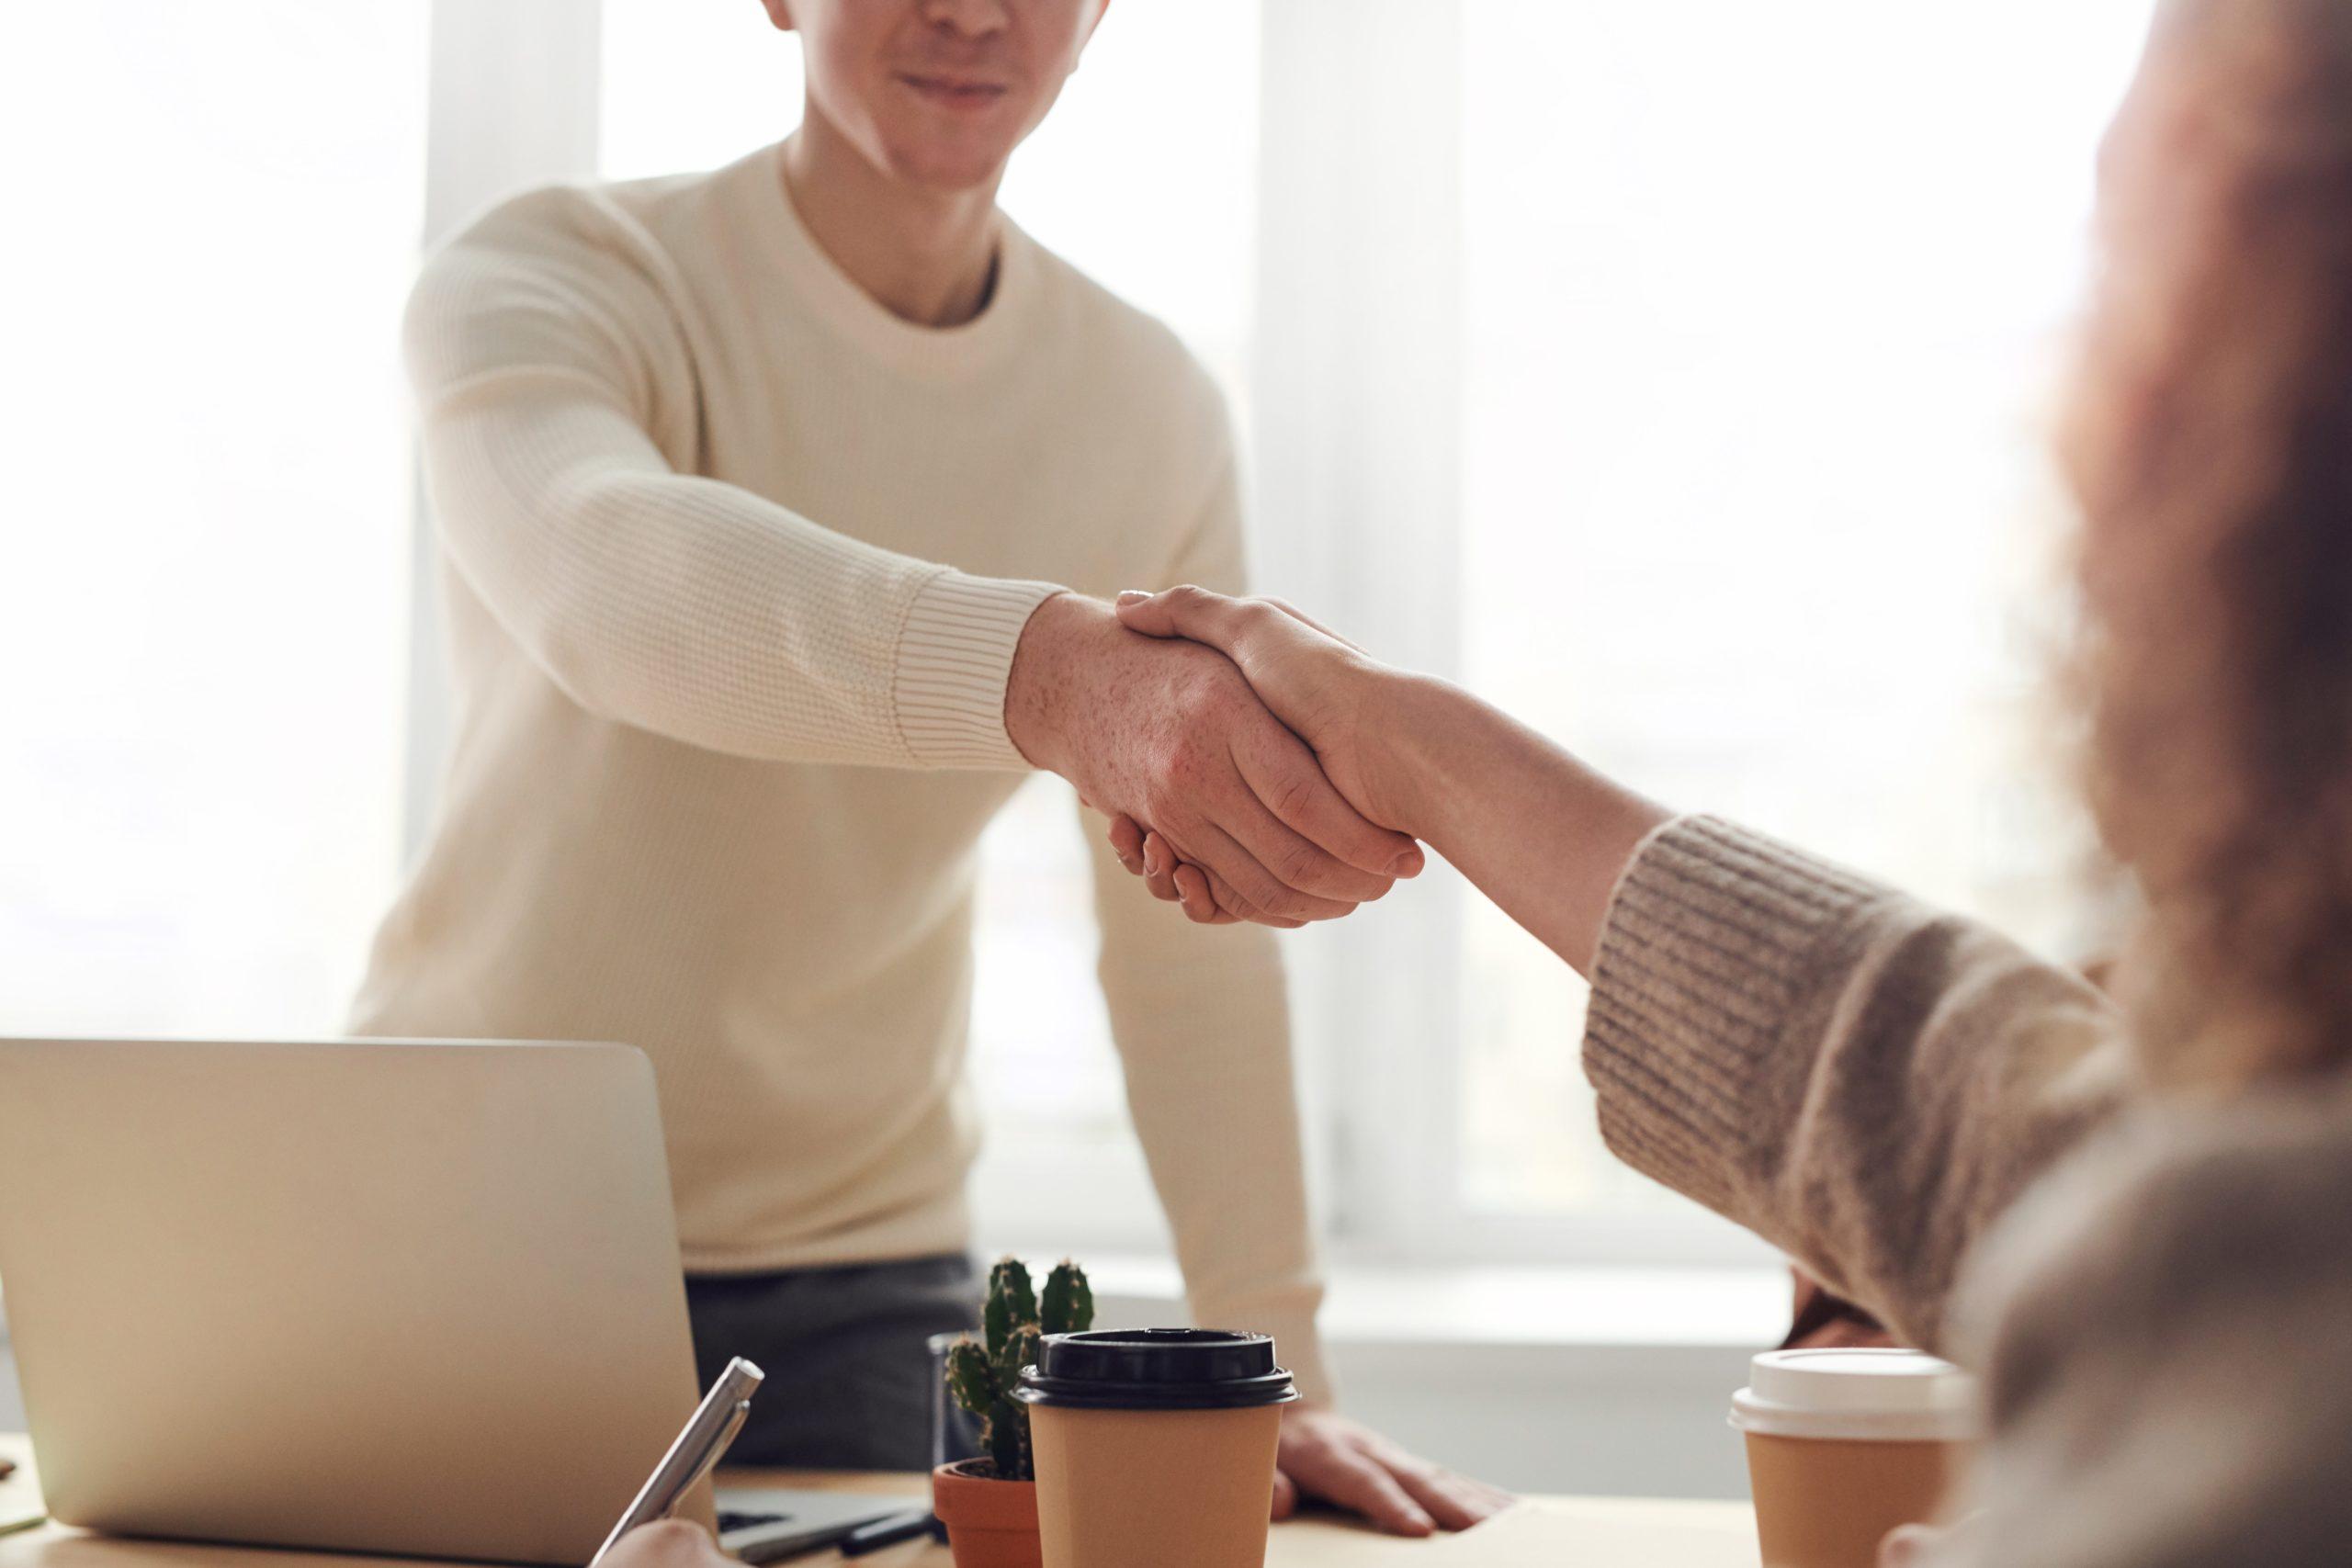 転職で出会いの多い職場7選【人との関わりが多い仕事が良い】